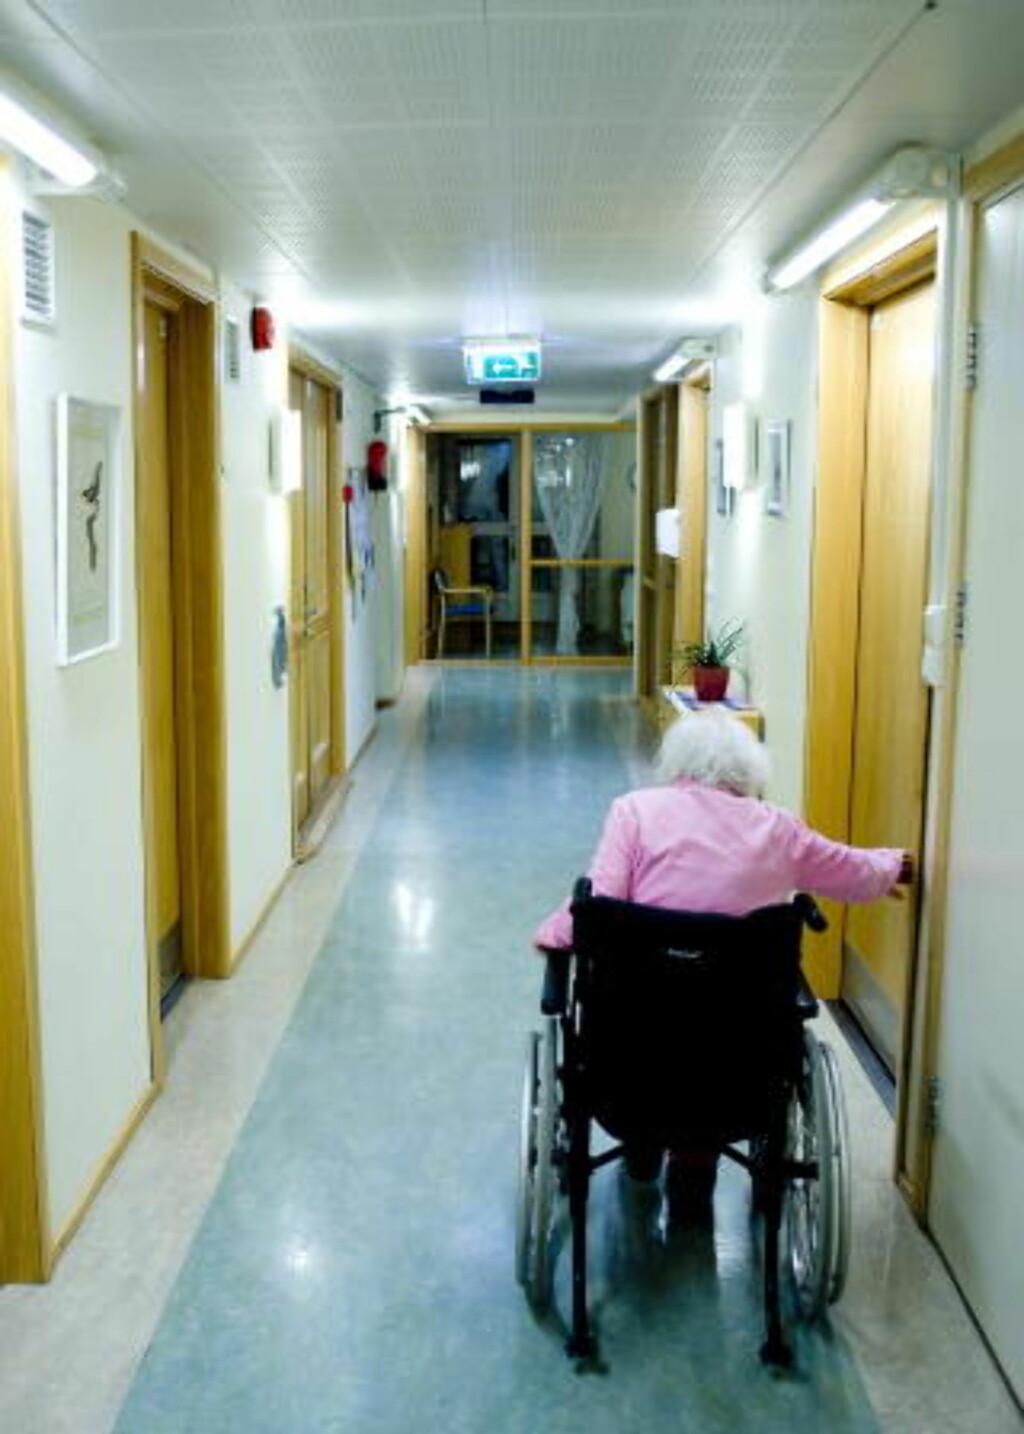 MANGE SYKEHJEM Det er mange privat drevne sykehjem i Oslo. Foto: Thomas Rasmus Skaug / Dagbladet